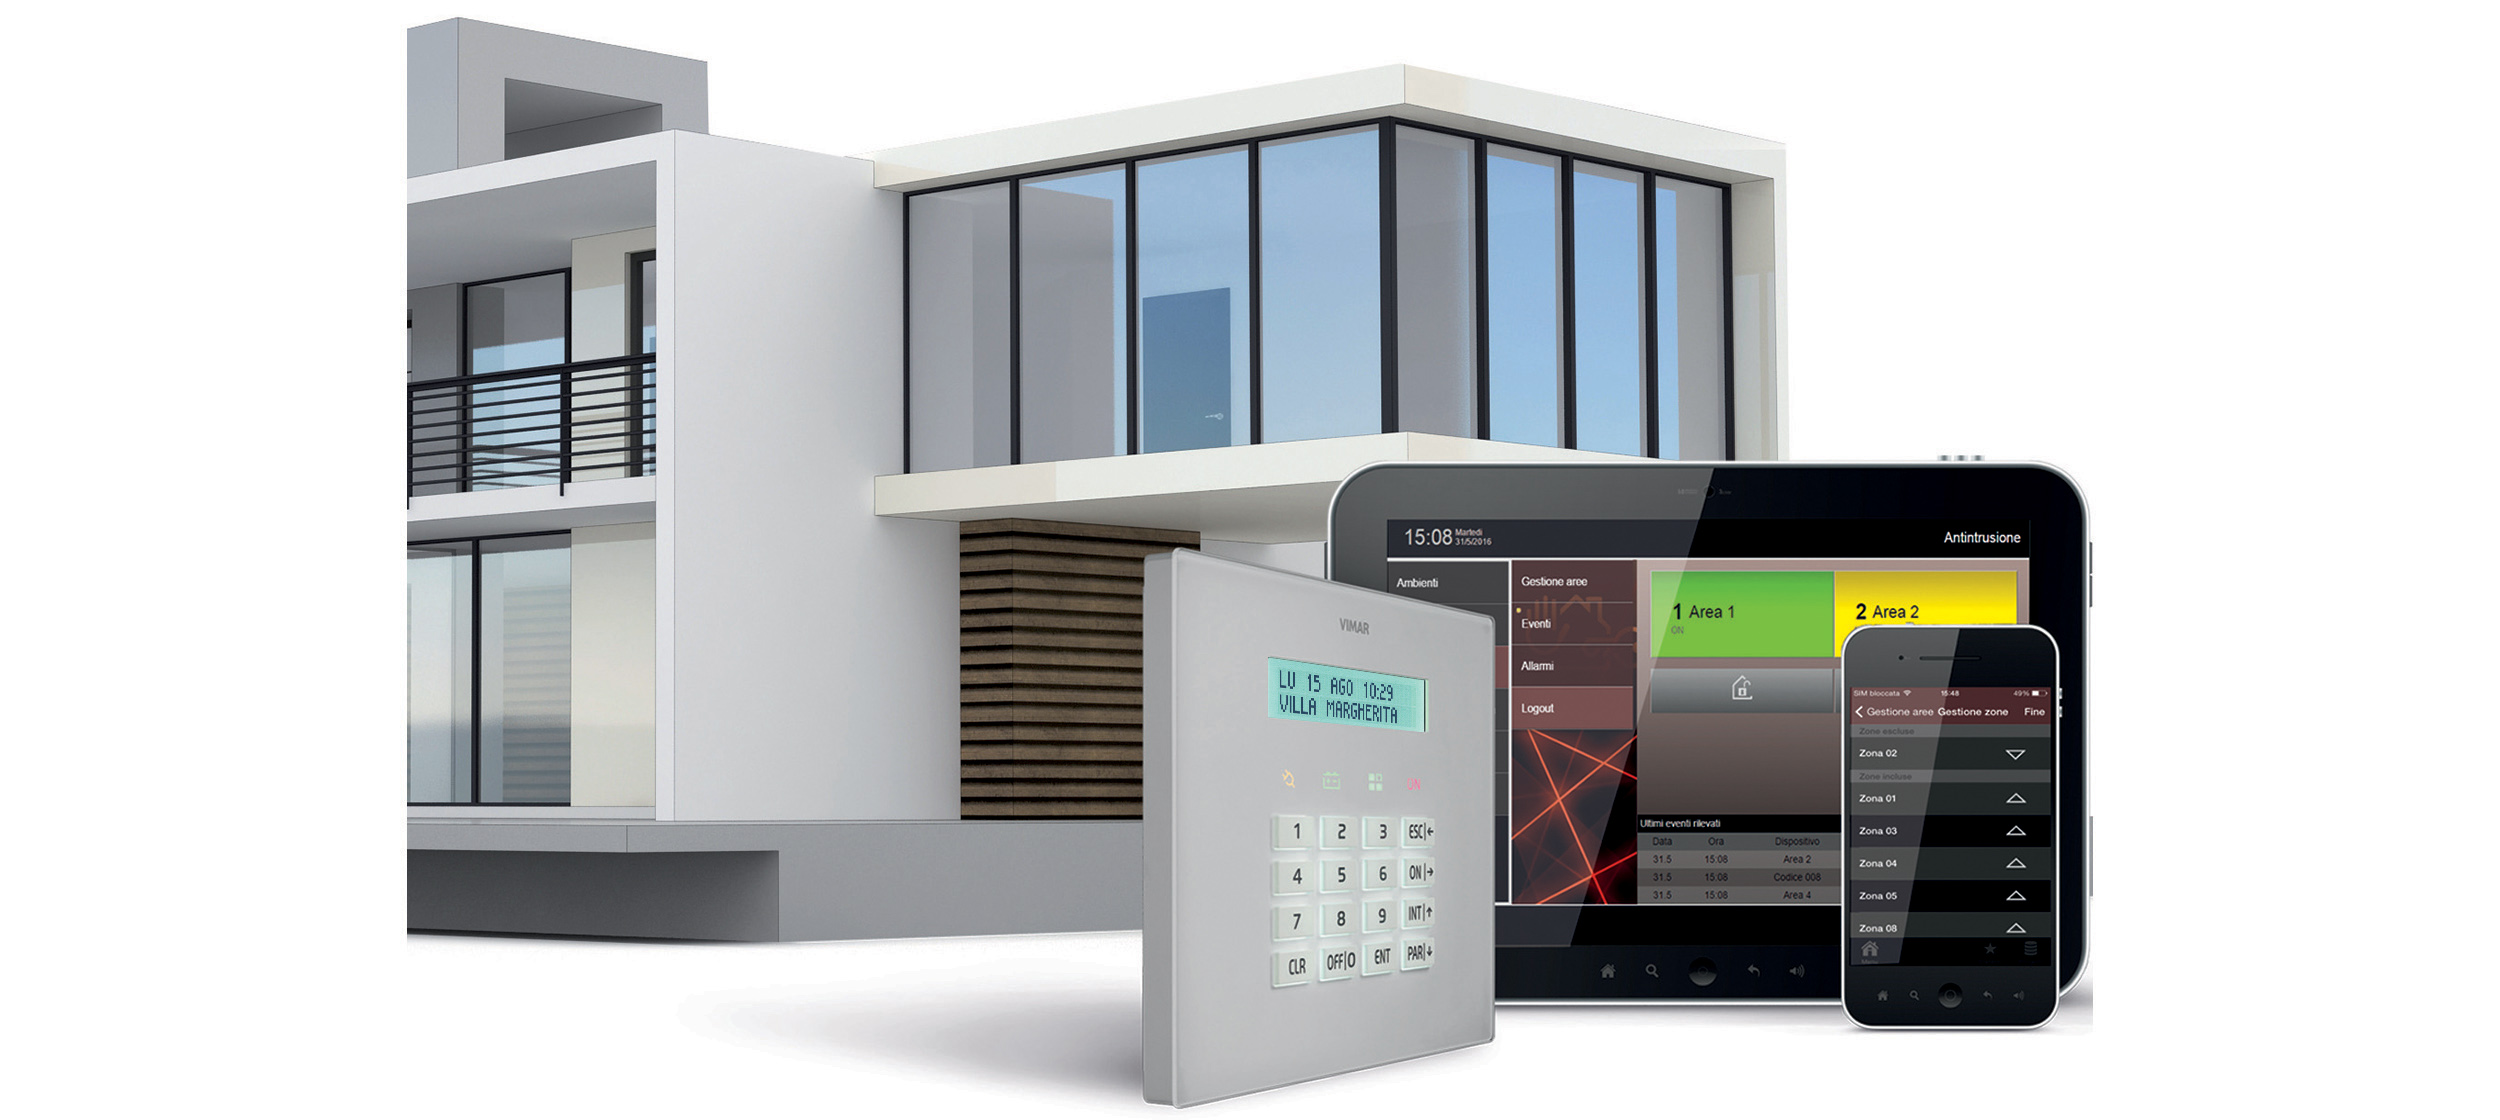 Costo installazione allarme casa - Allarme per casa prezzi ...